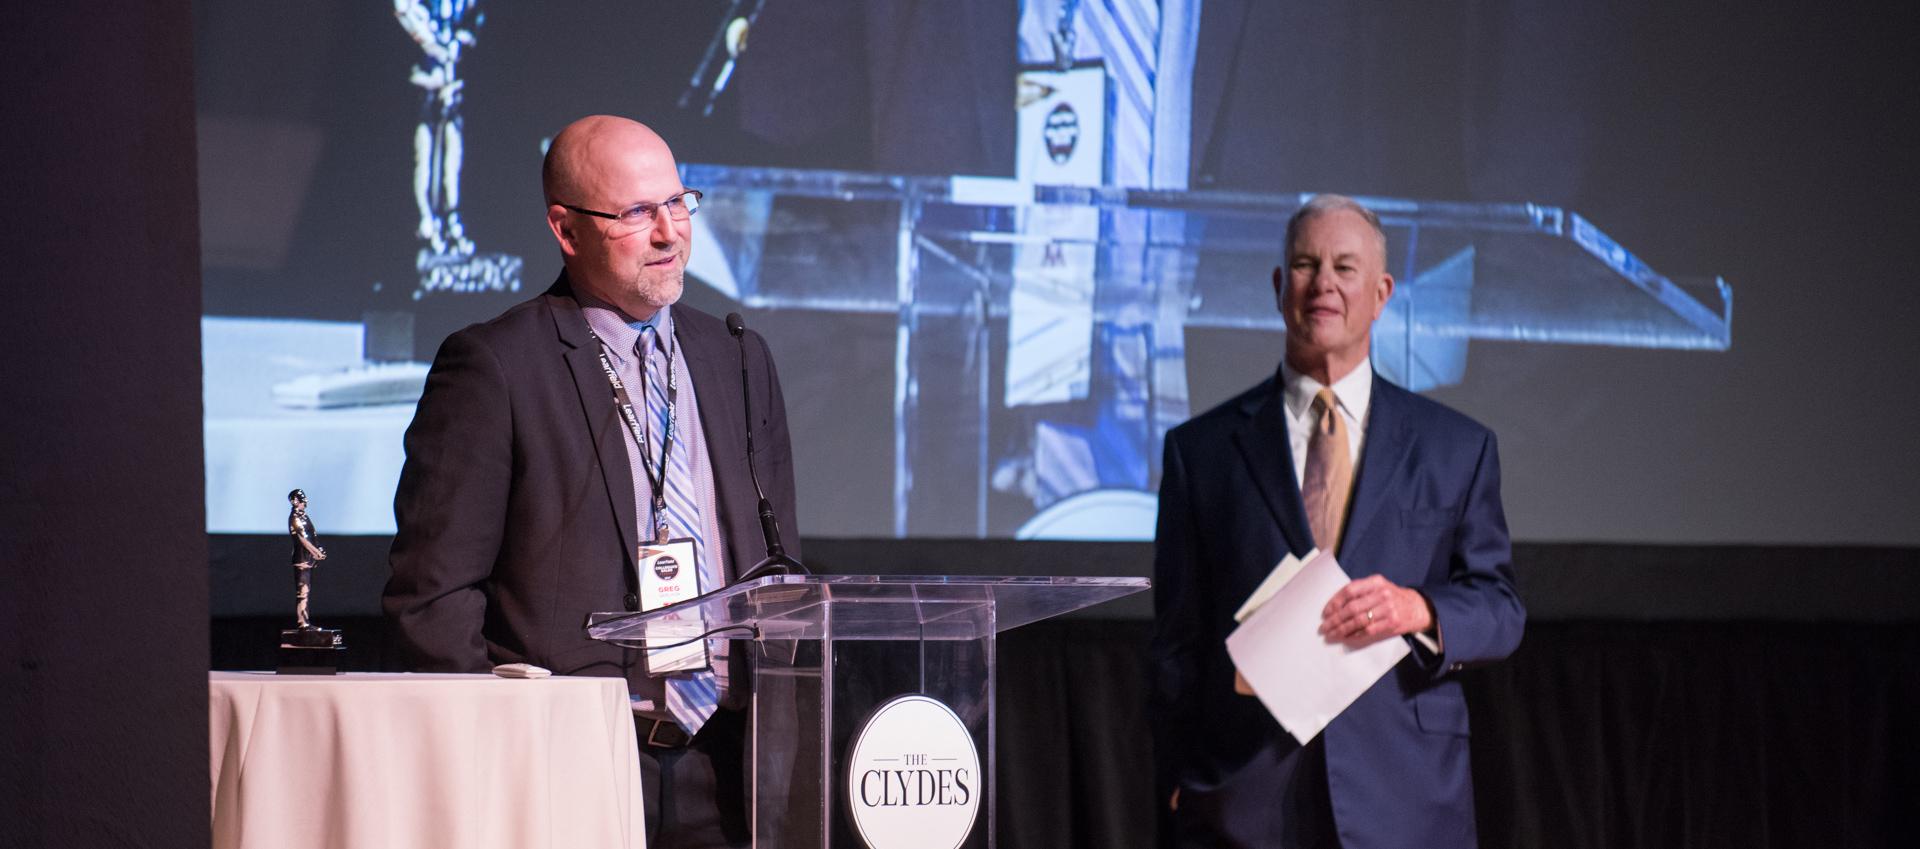 Gerlach winning Clyde character award